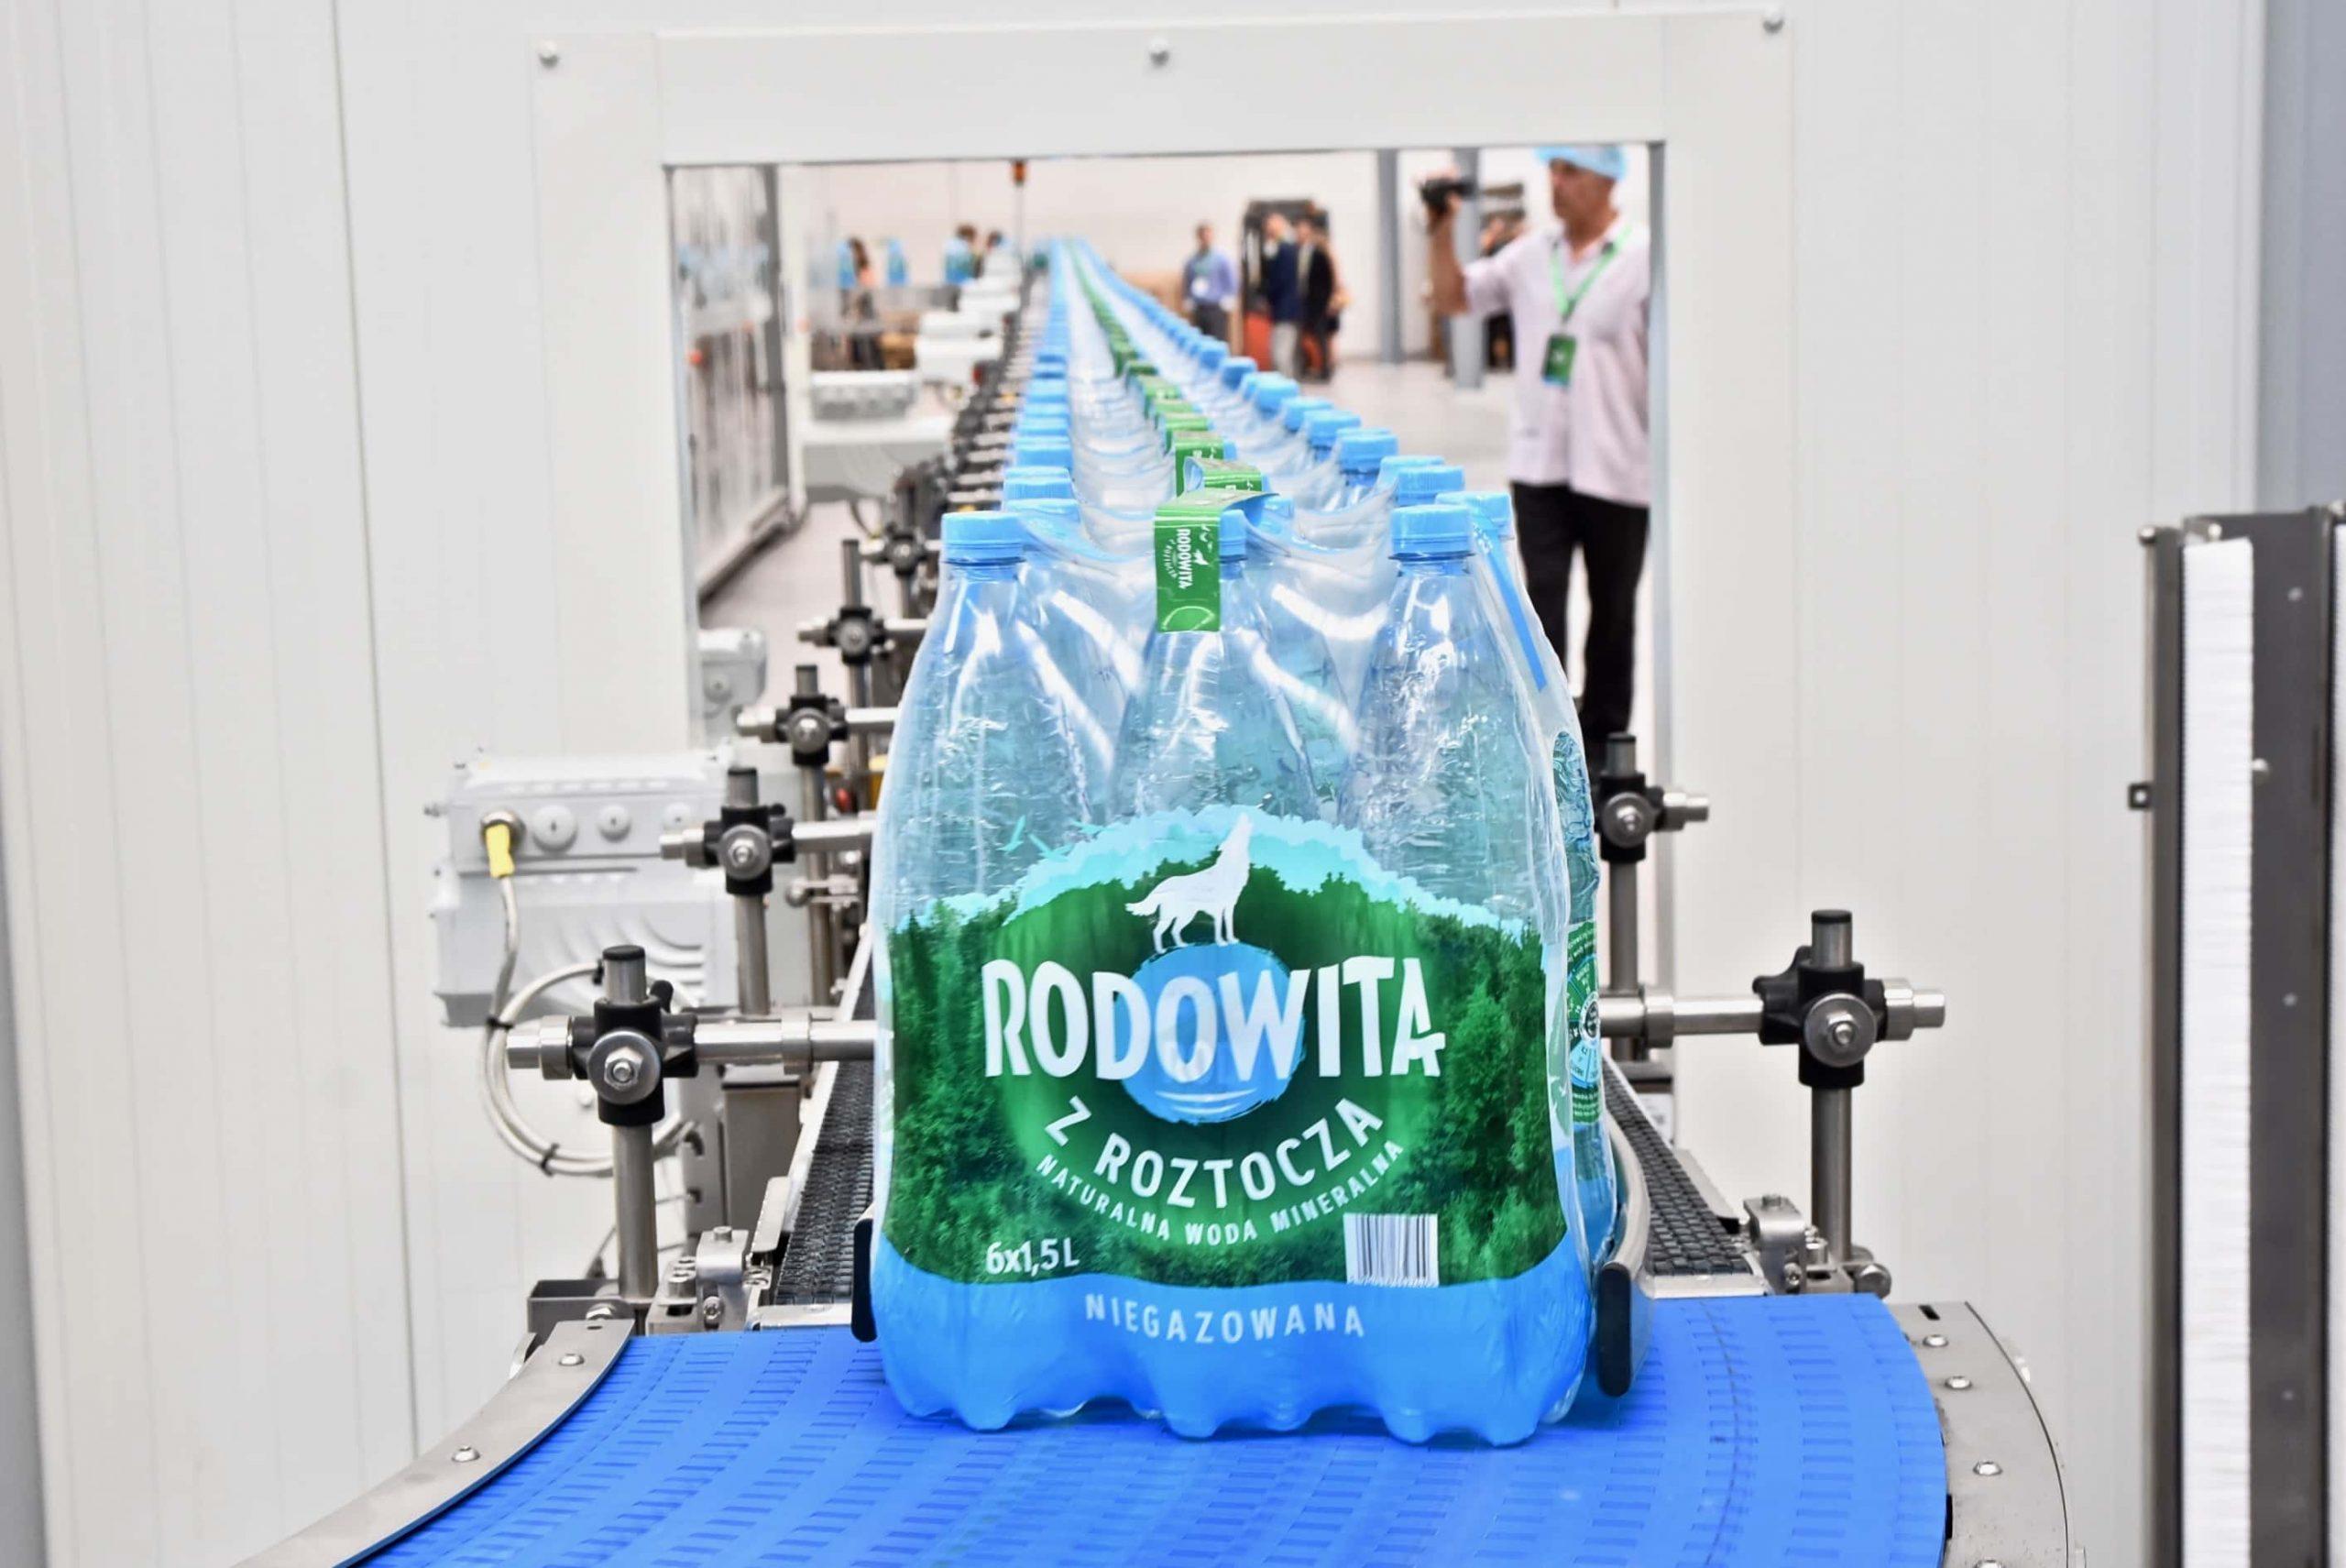 dsc 7043 scaled Rodowita z Roztocza. Inwestycja za 75 mln zł. (Dużo zdjęć)